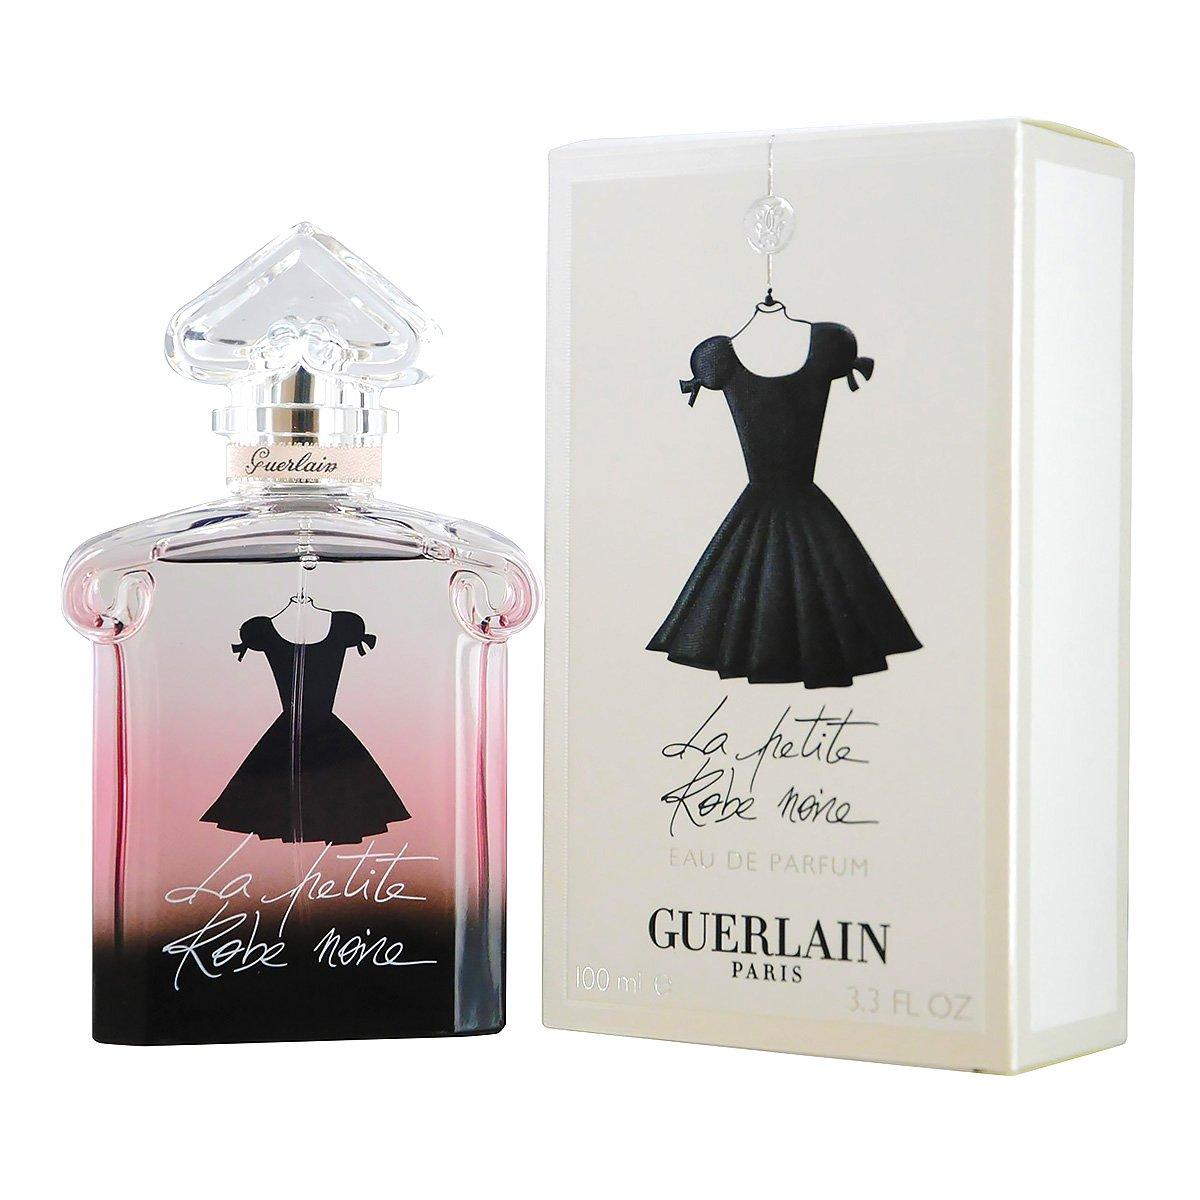 818f35e5f85 Guerlain La Petite Robe Noire Eau de Parfum купить в Минске и РБ